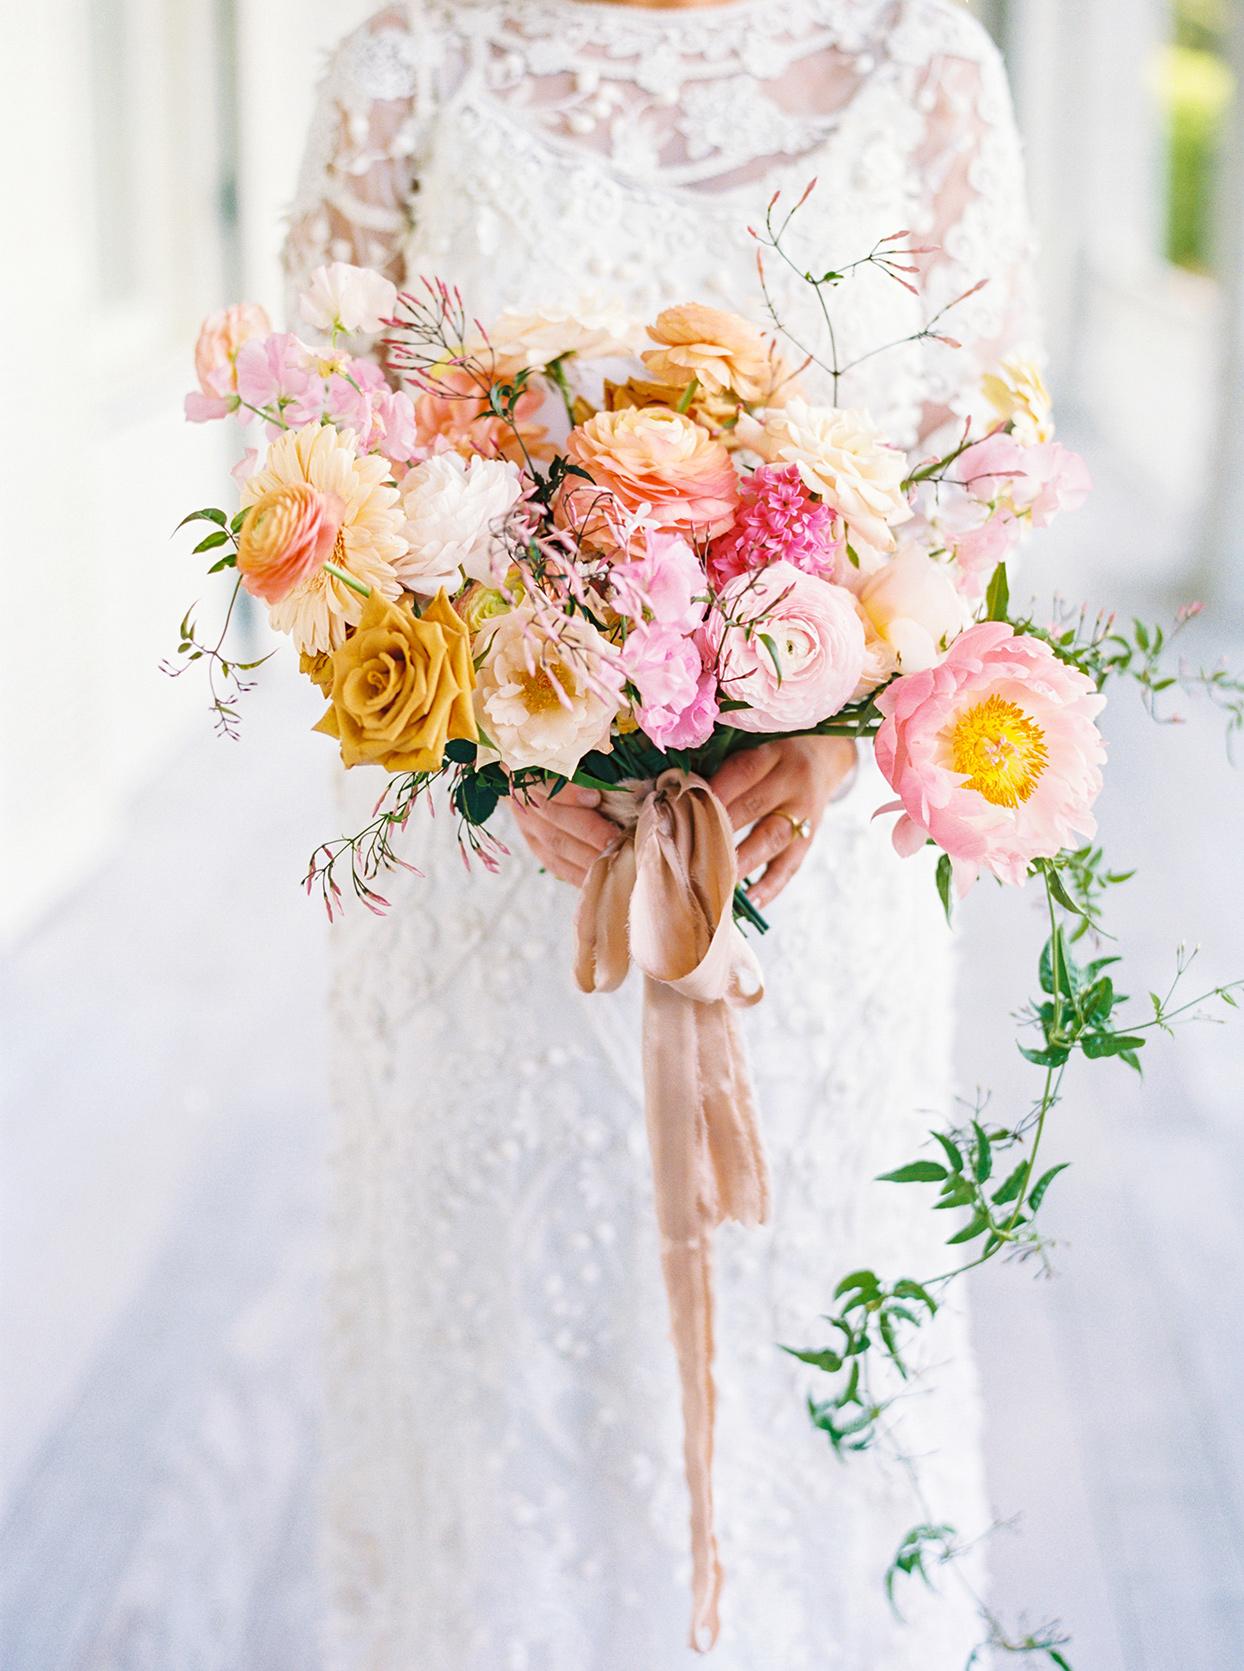 lauren dan pink, yellow, and orange wedding bouquet